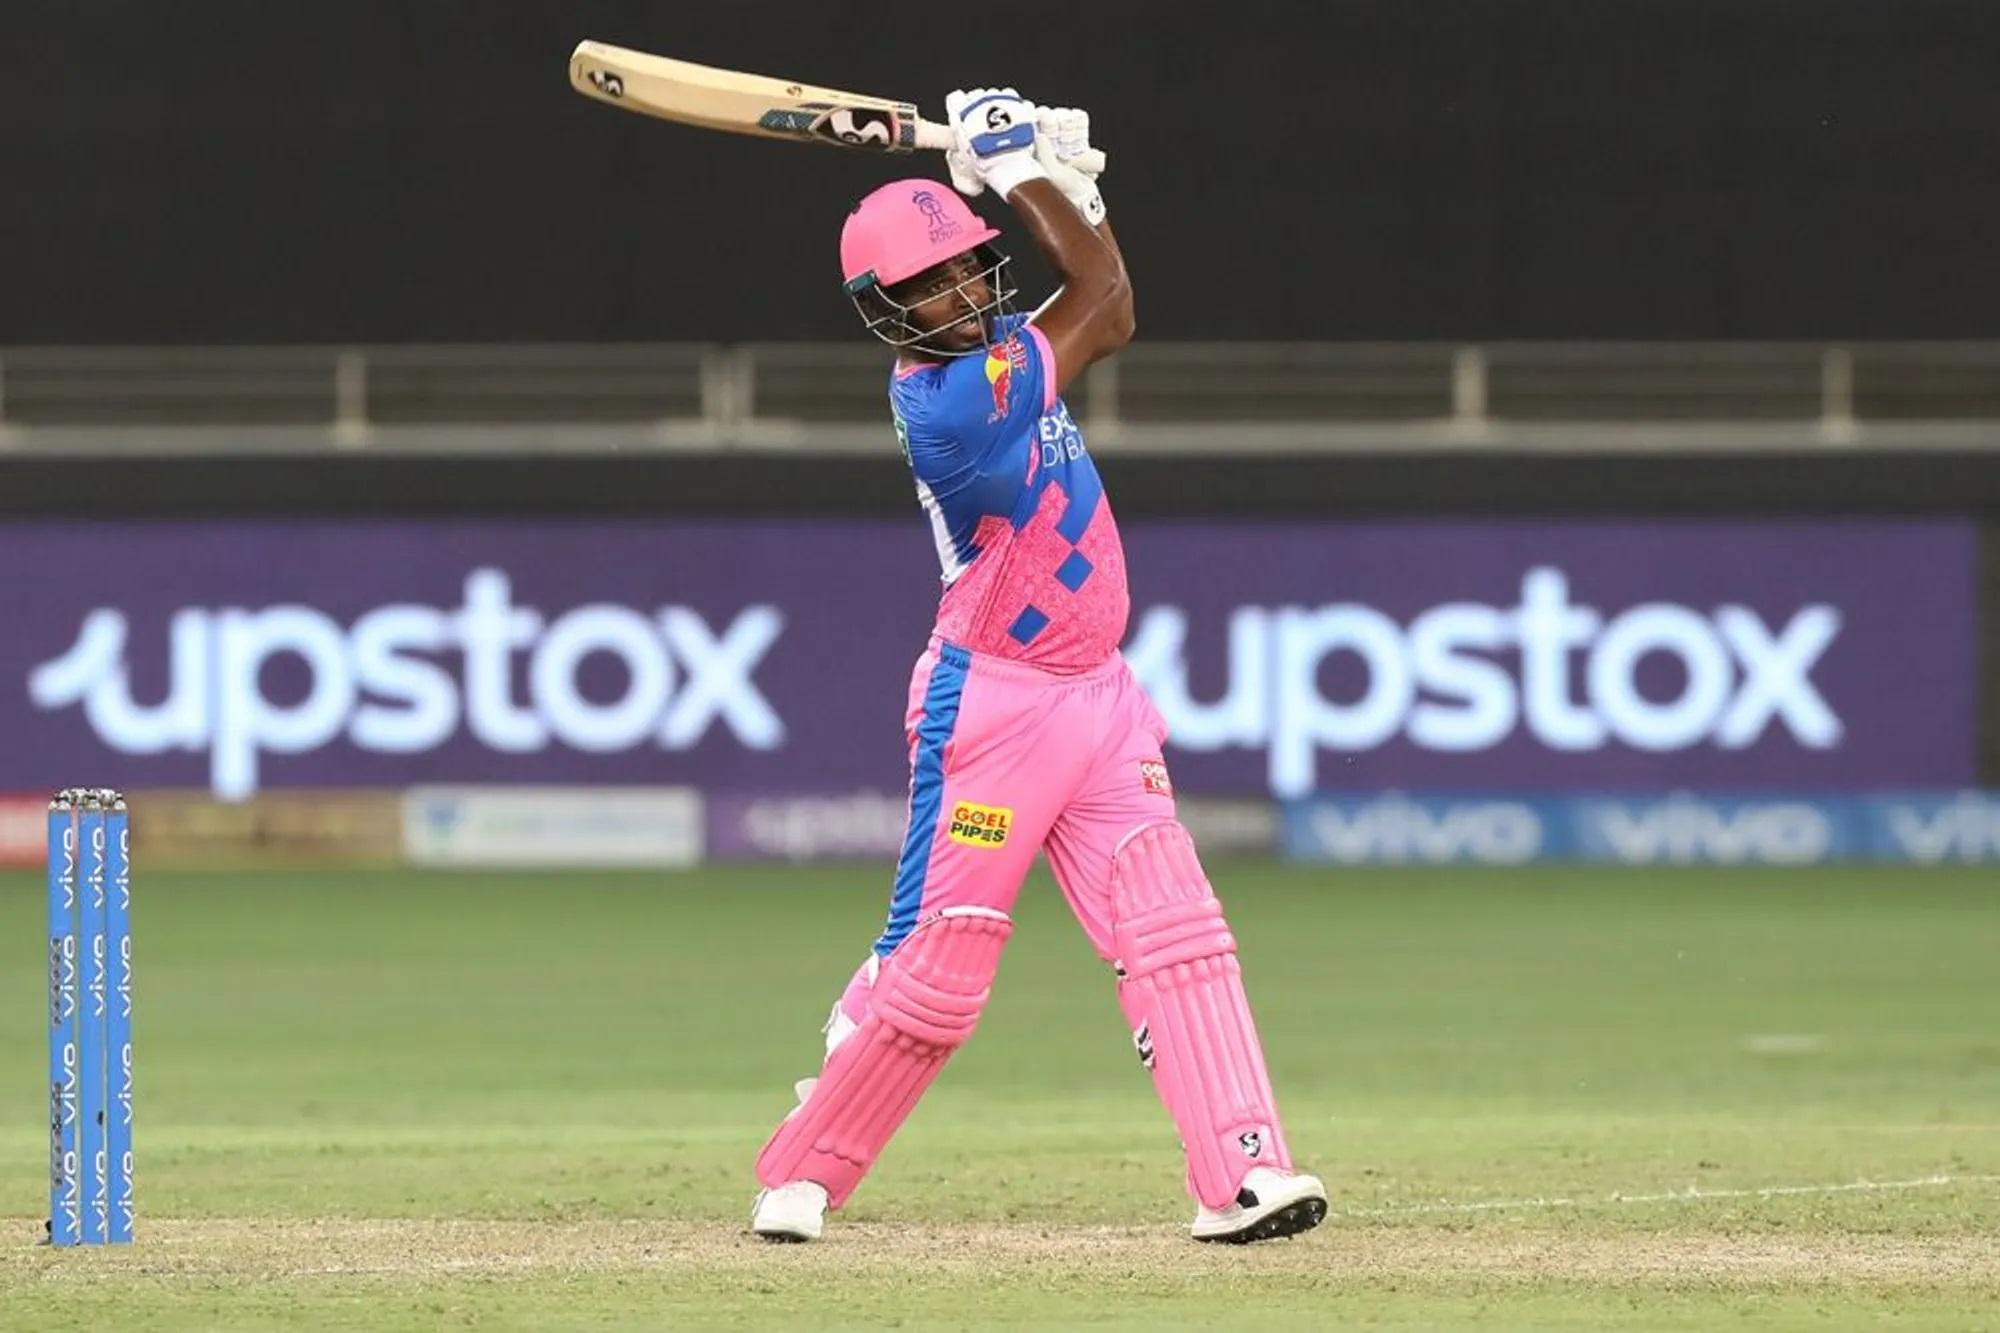 संजू सैमसन को इस मुकाबले की अहमियत मालूम थी। वे दूसरे ओवर की दूसरी गेंद पर बैटिंग करने आ गए थे। तब से लेकर 20वें ओवर की दूसरी गेंद तक वे क्रीज पर डटे रहे। सैमसन ने 16वें ओवर में सिद्धार्थ कौल की बॉलिंग पर 2 छक्के और 2 चौके जड़कर 20 रन लिए। फिर 17वें ओवर में भुवनेश्वर को चौका जड़ा। तब उनके शॉट को देखकर कमेंट्रेटर इतने खुश हुए कि उनके मुंह से निकला- ओए-होए-होए...। संजू 20वें ओवर में स्ट्रगल करते दिखे। इस ओवर में उनसे एक भी बाउंड्री नहीं लगी। 20 रन देने वाले सिद्धार्थ कौल ने उन्हें आउट कर दिया।